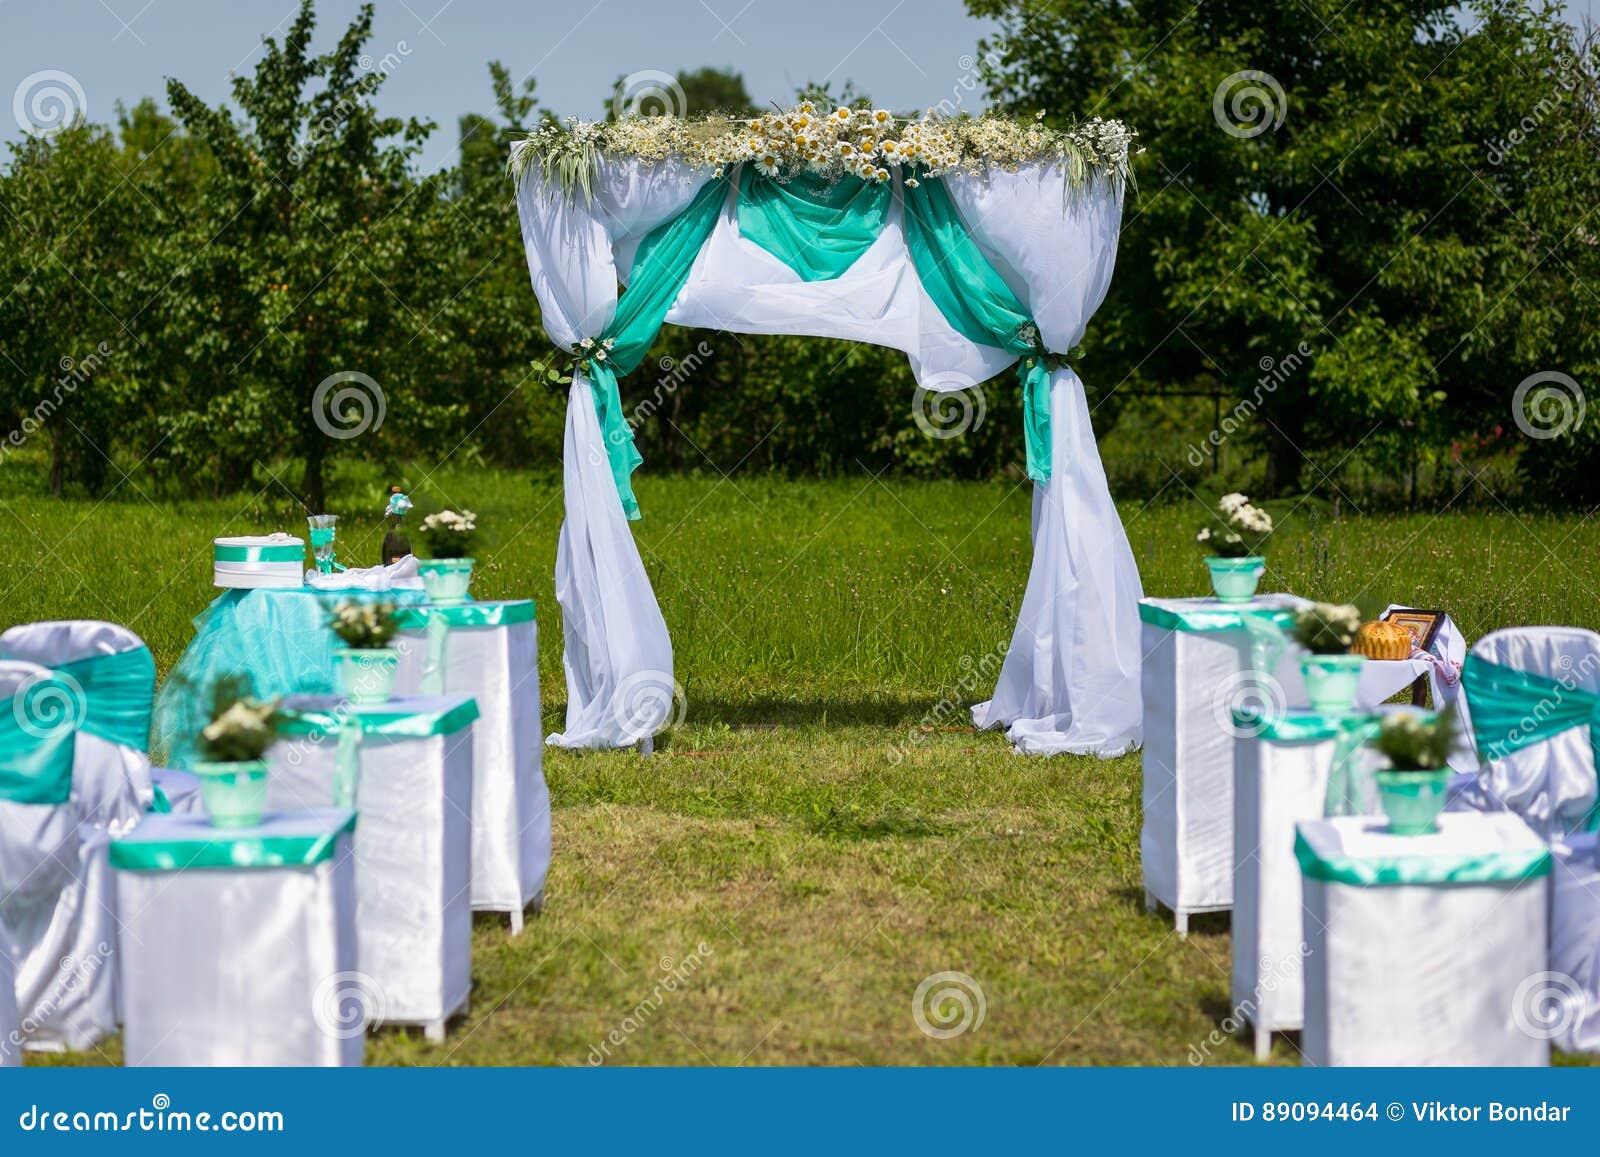 Decoración de una ceremonia de boda Una tabla para una ceremonia de boda